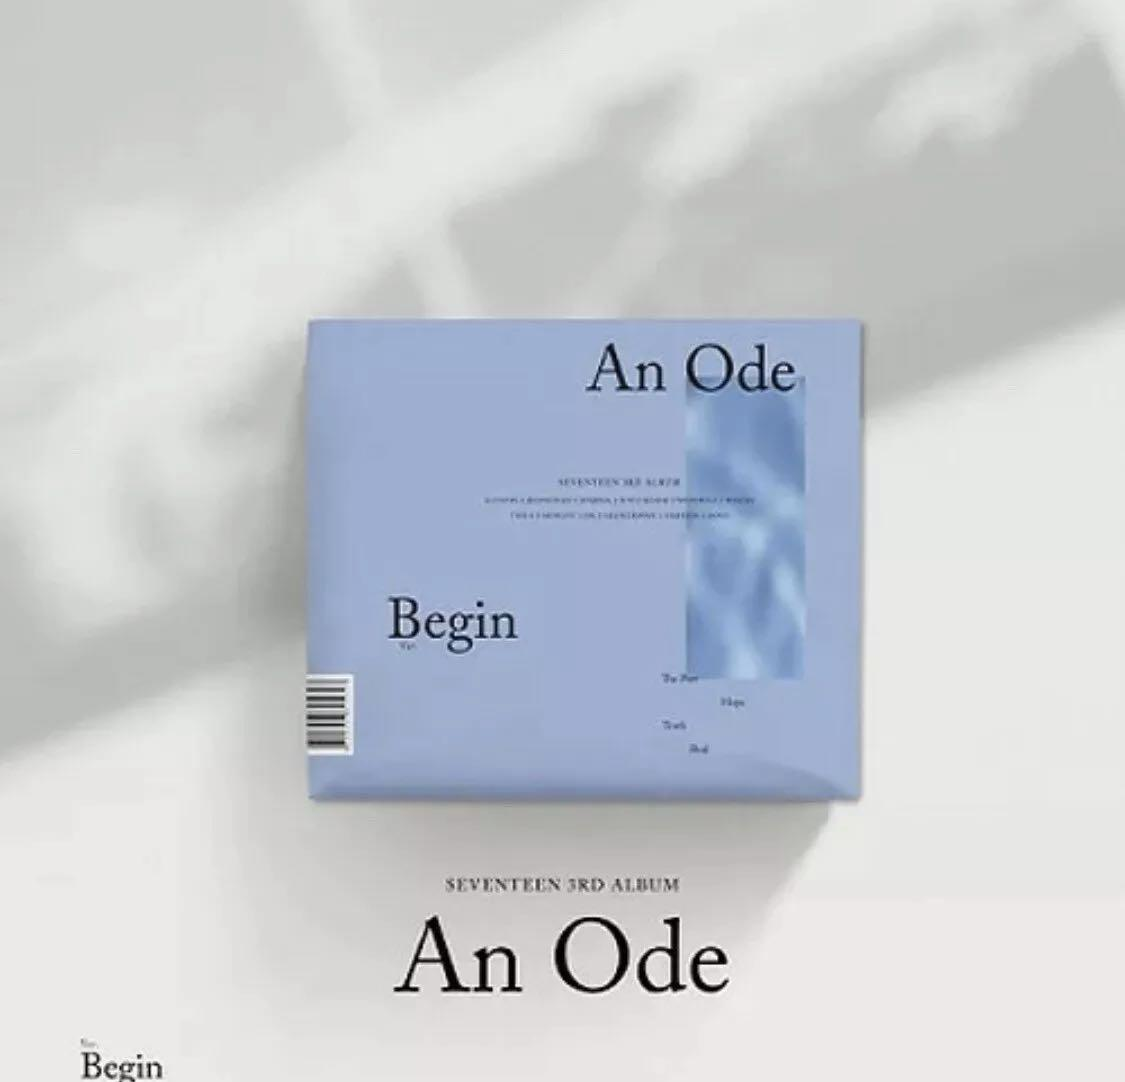 [AN ODE] SEVENTEEN 3RD ALBUM [BEGIN VER]-1 DISC CD+PHOTO BOOK+1 PHOTO STICKER